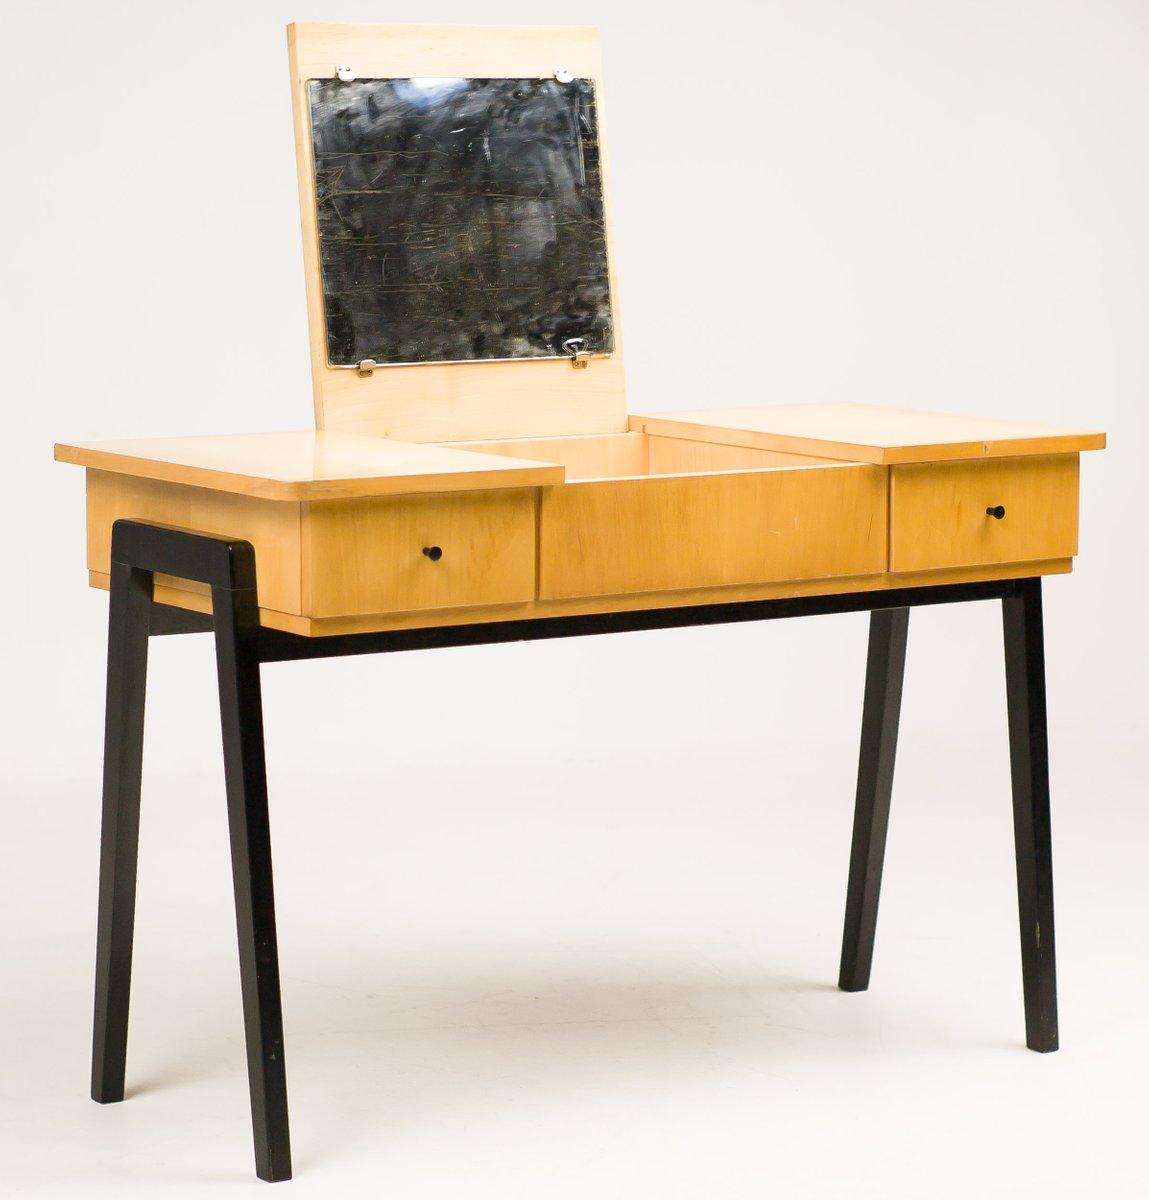 niederl ndischer mid century schreibtisch aus birke bei pamono kaufen. Black Bedroom Furniture Sets. Home Design Ideas